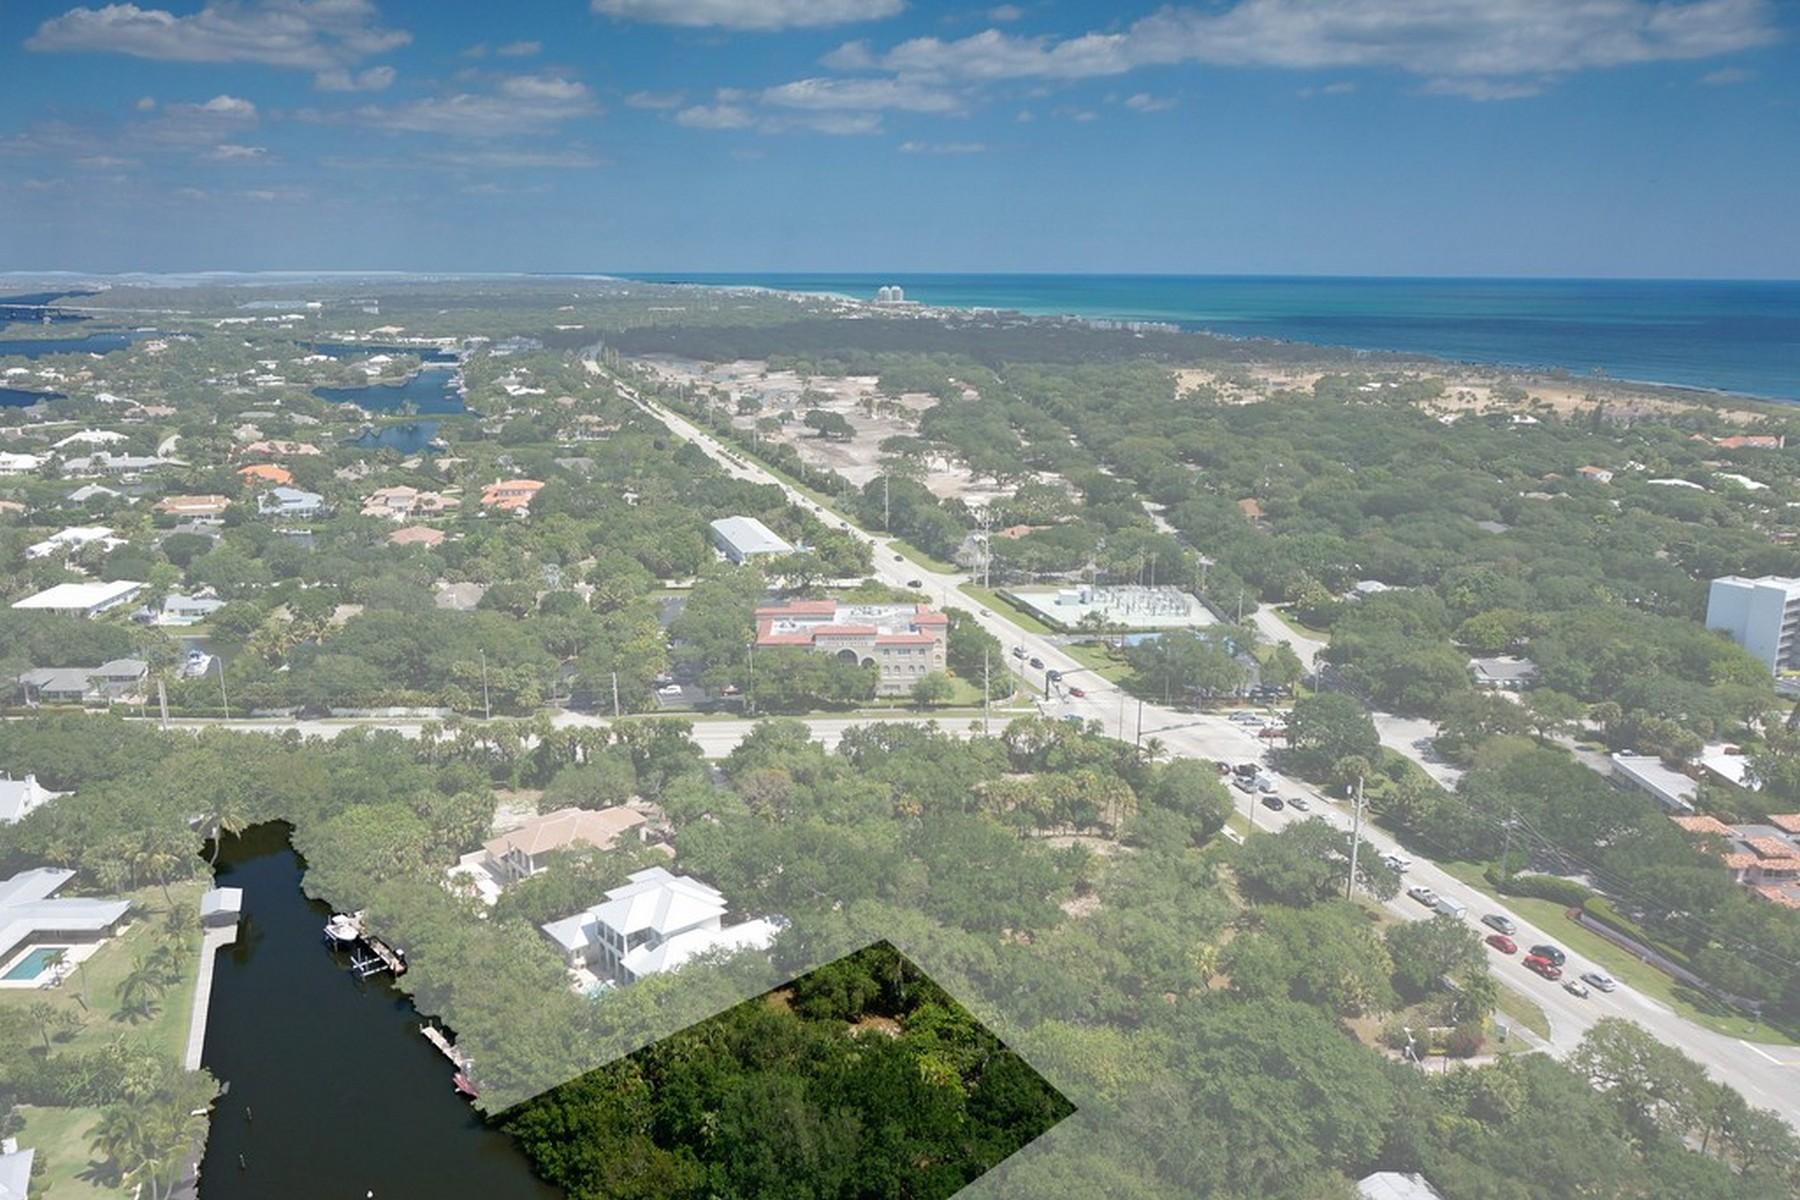 Terreno para Venda às Canal front vacant land in Riomar Cove 1645 Riomar Cove Lane Vero Beach, Florida 32963 Estados Unidos